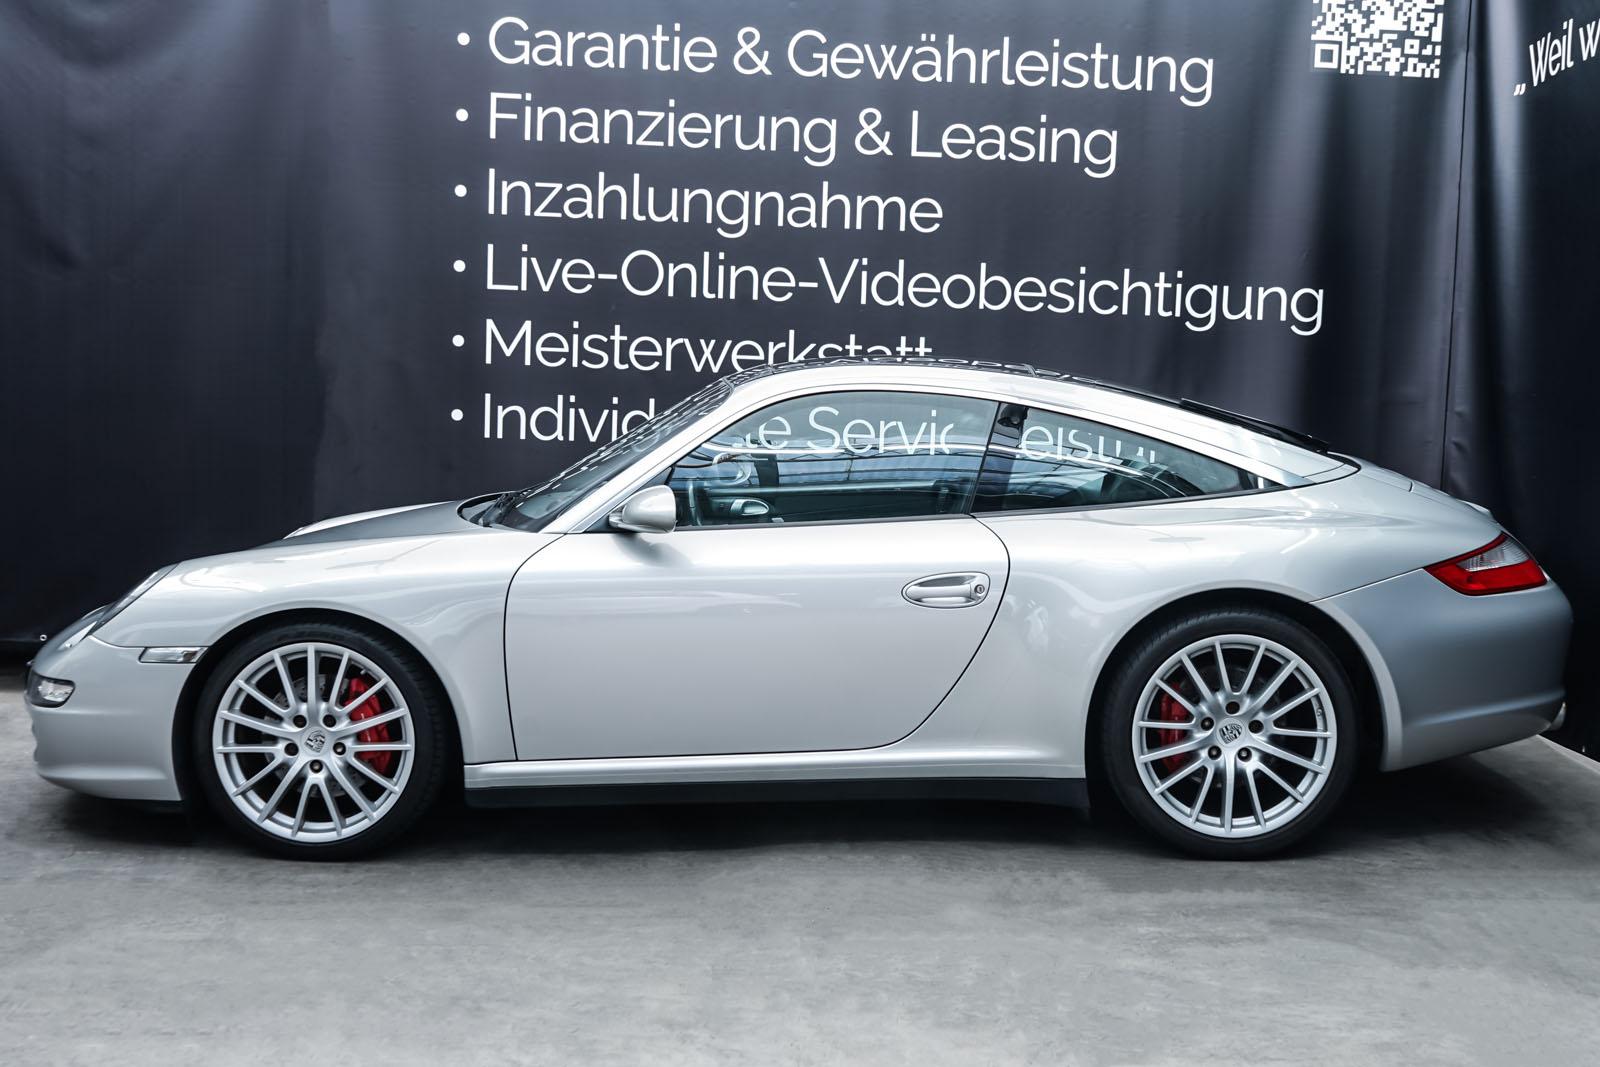 Porsche_997_Targa4s_Silber_Grau_POR-0477_5_w